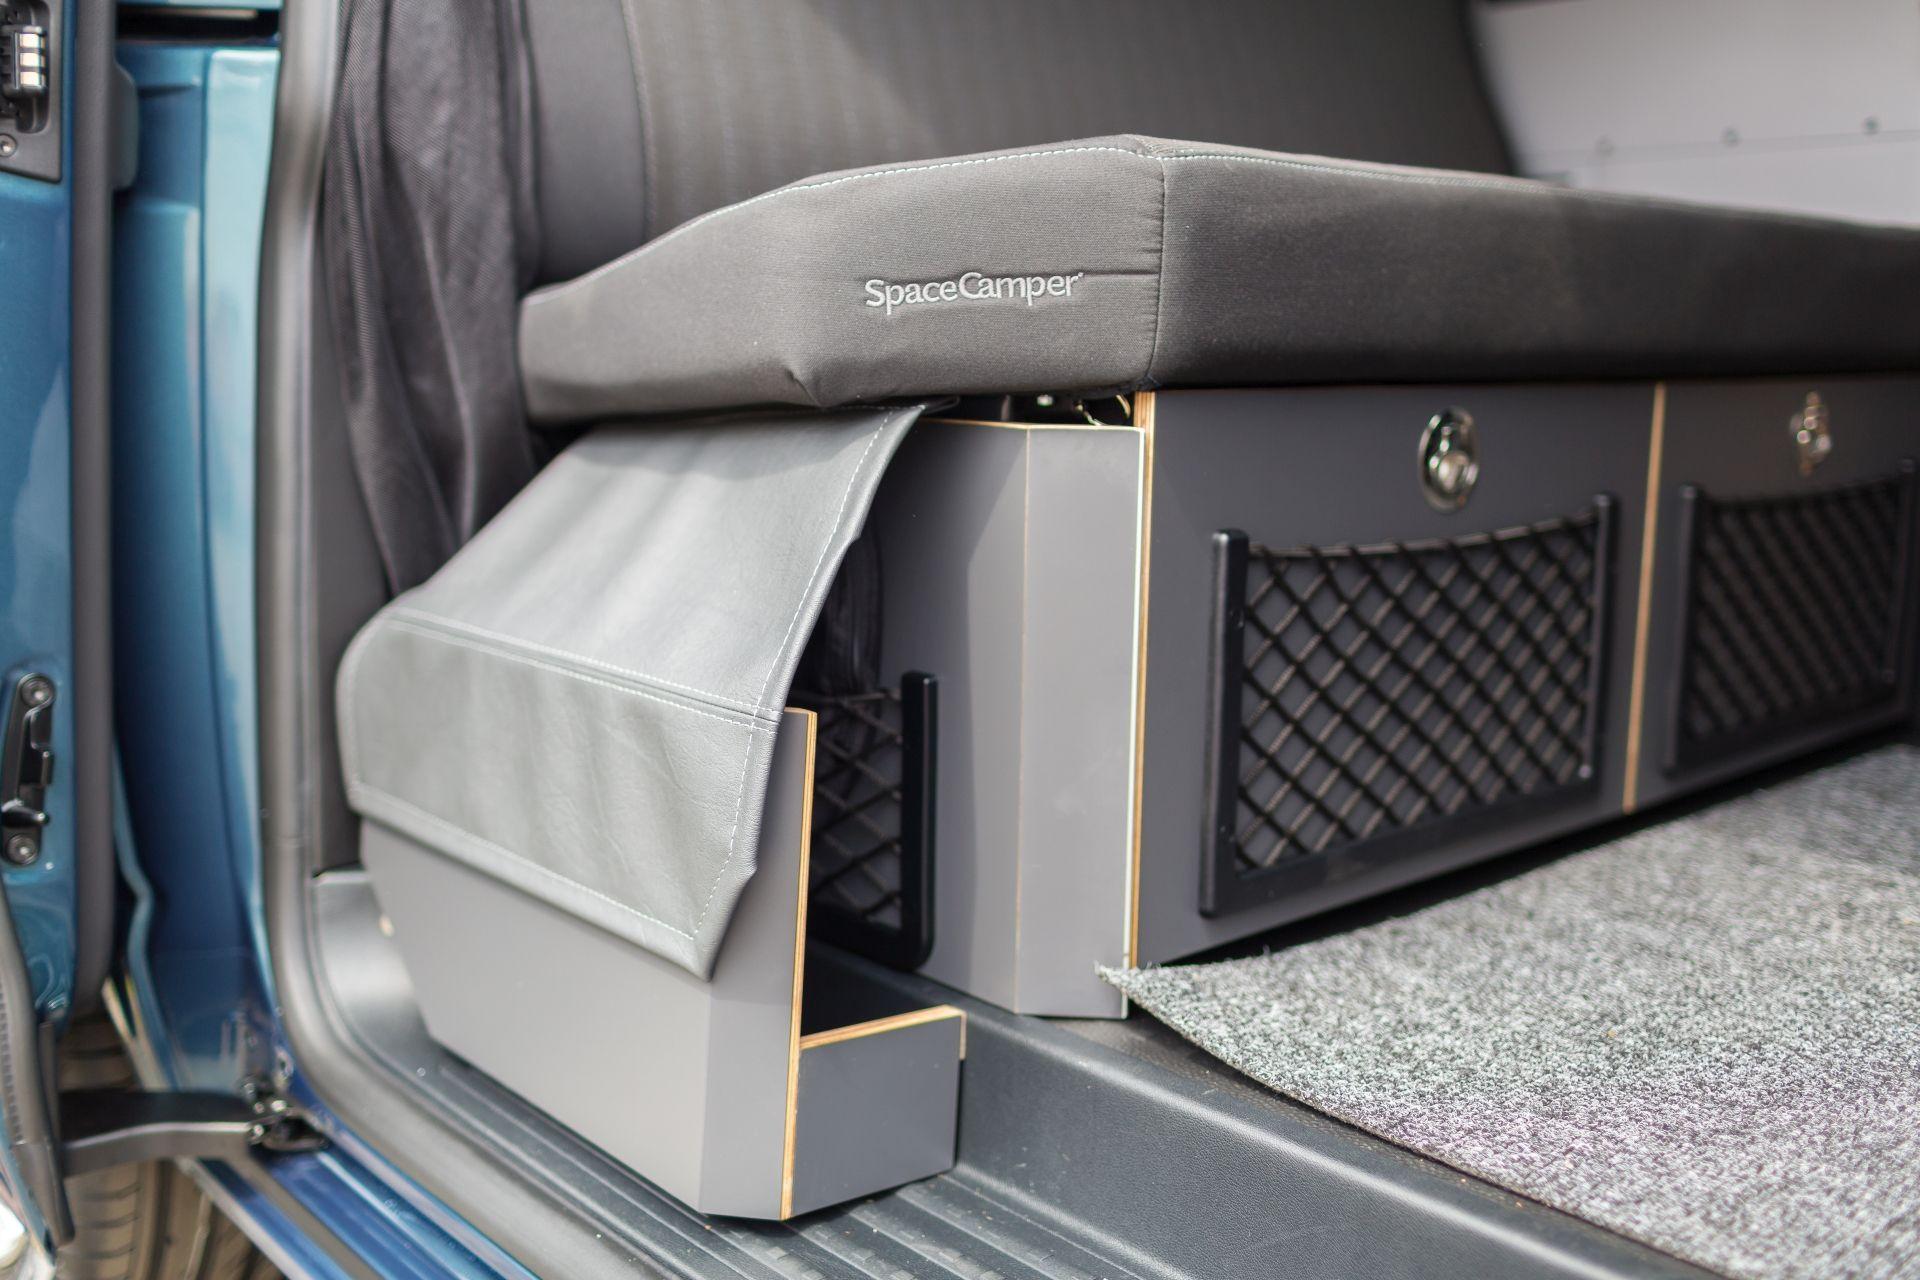 Schuhfach Der Spacecamper Vw T6 Camping Ausbau Reisemobil